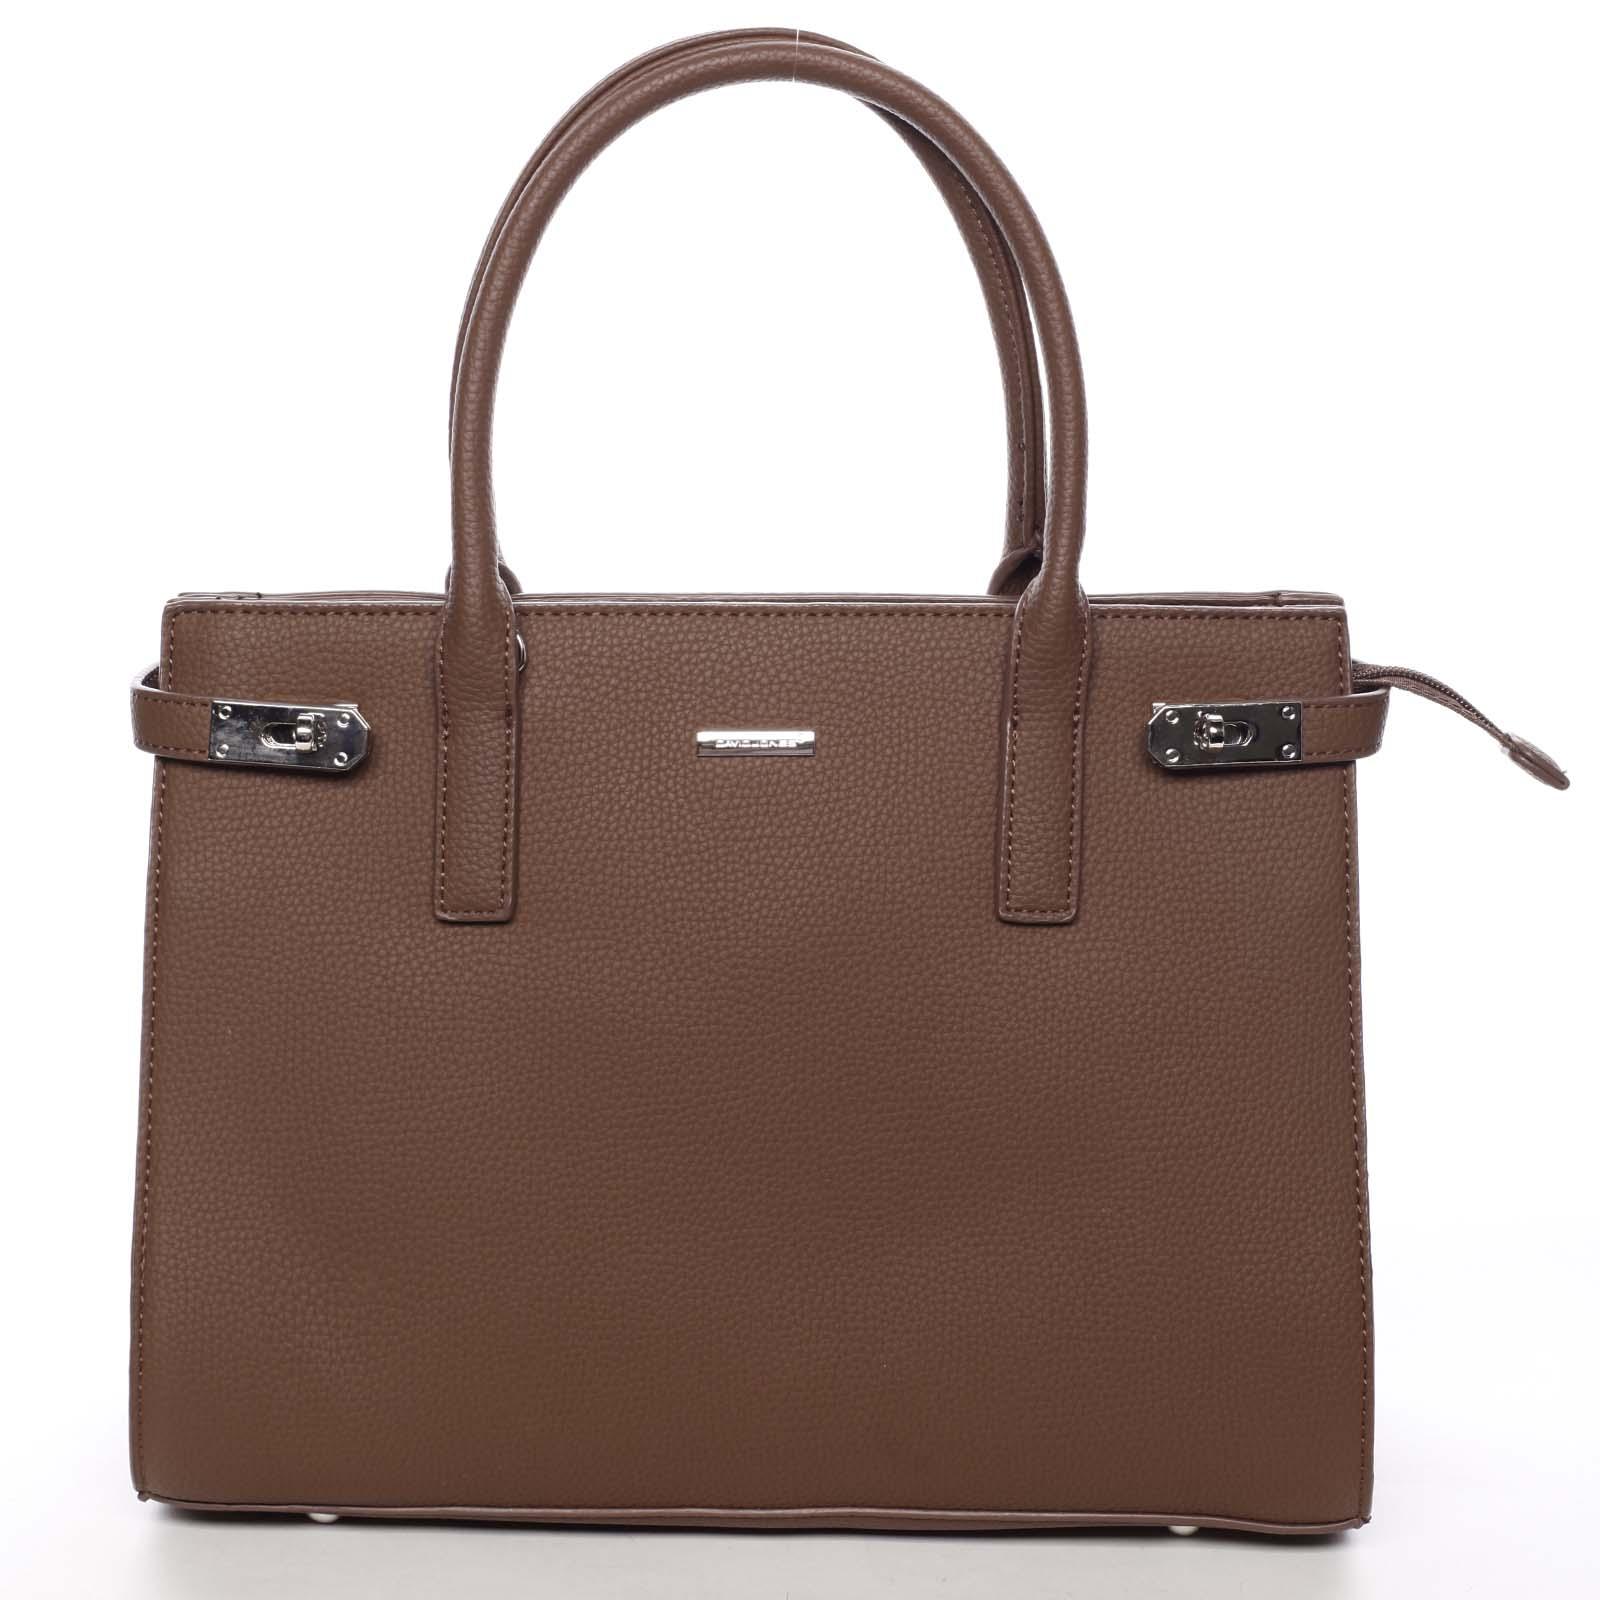 Atraktivní dámská kabelka do ruky hnědá - David Jones Eugenie